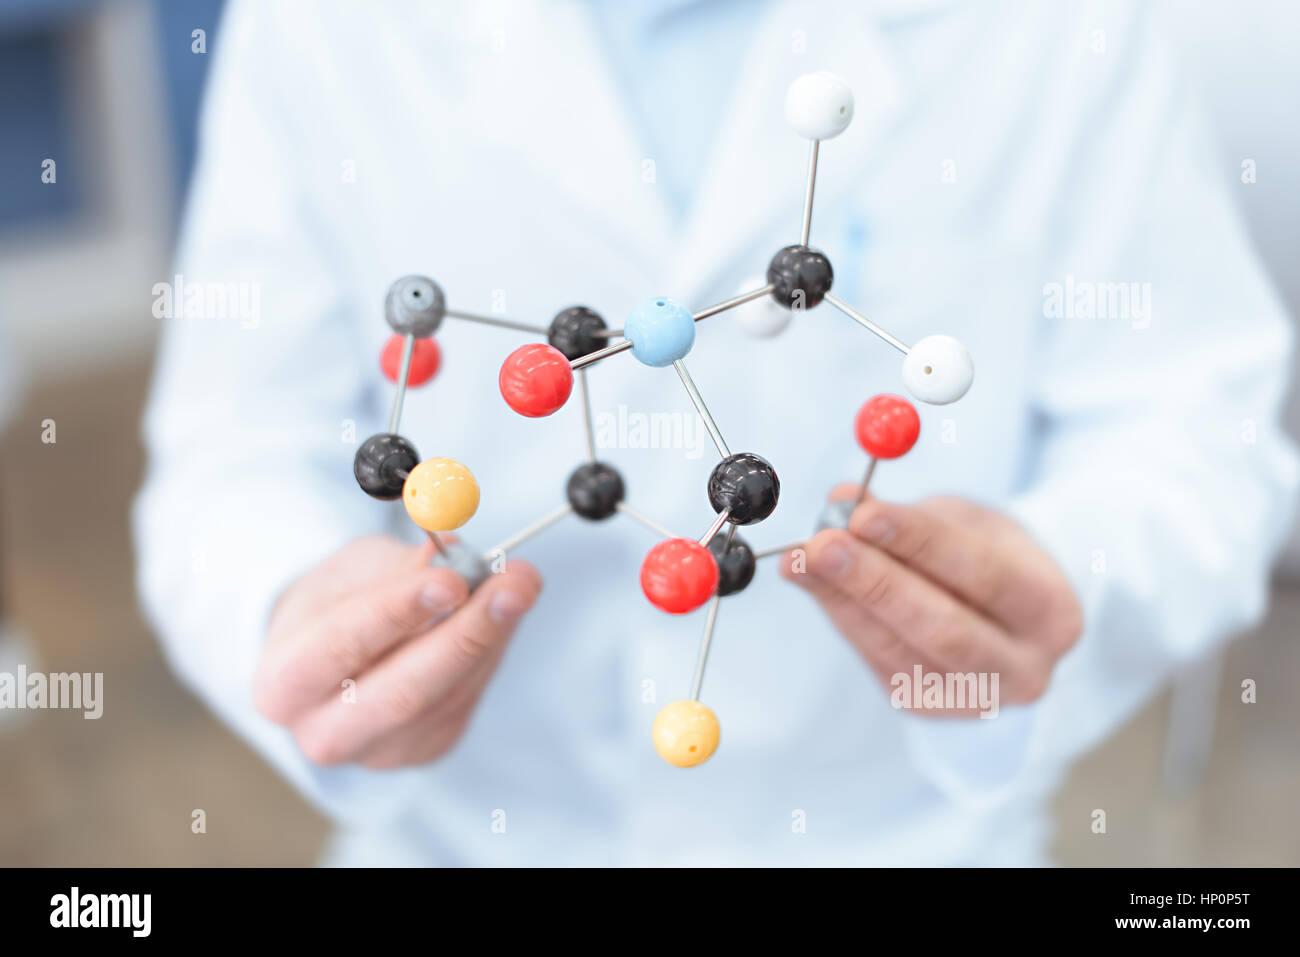 Scientist en celebración de bata blanca modelo molecular Imagen De Stock